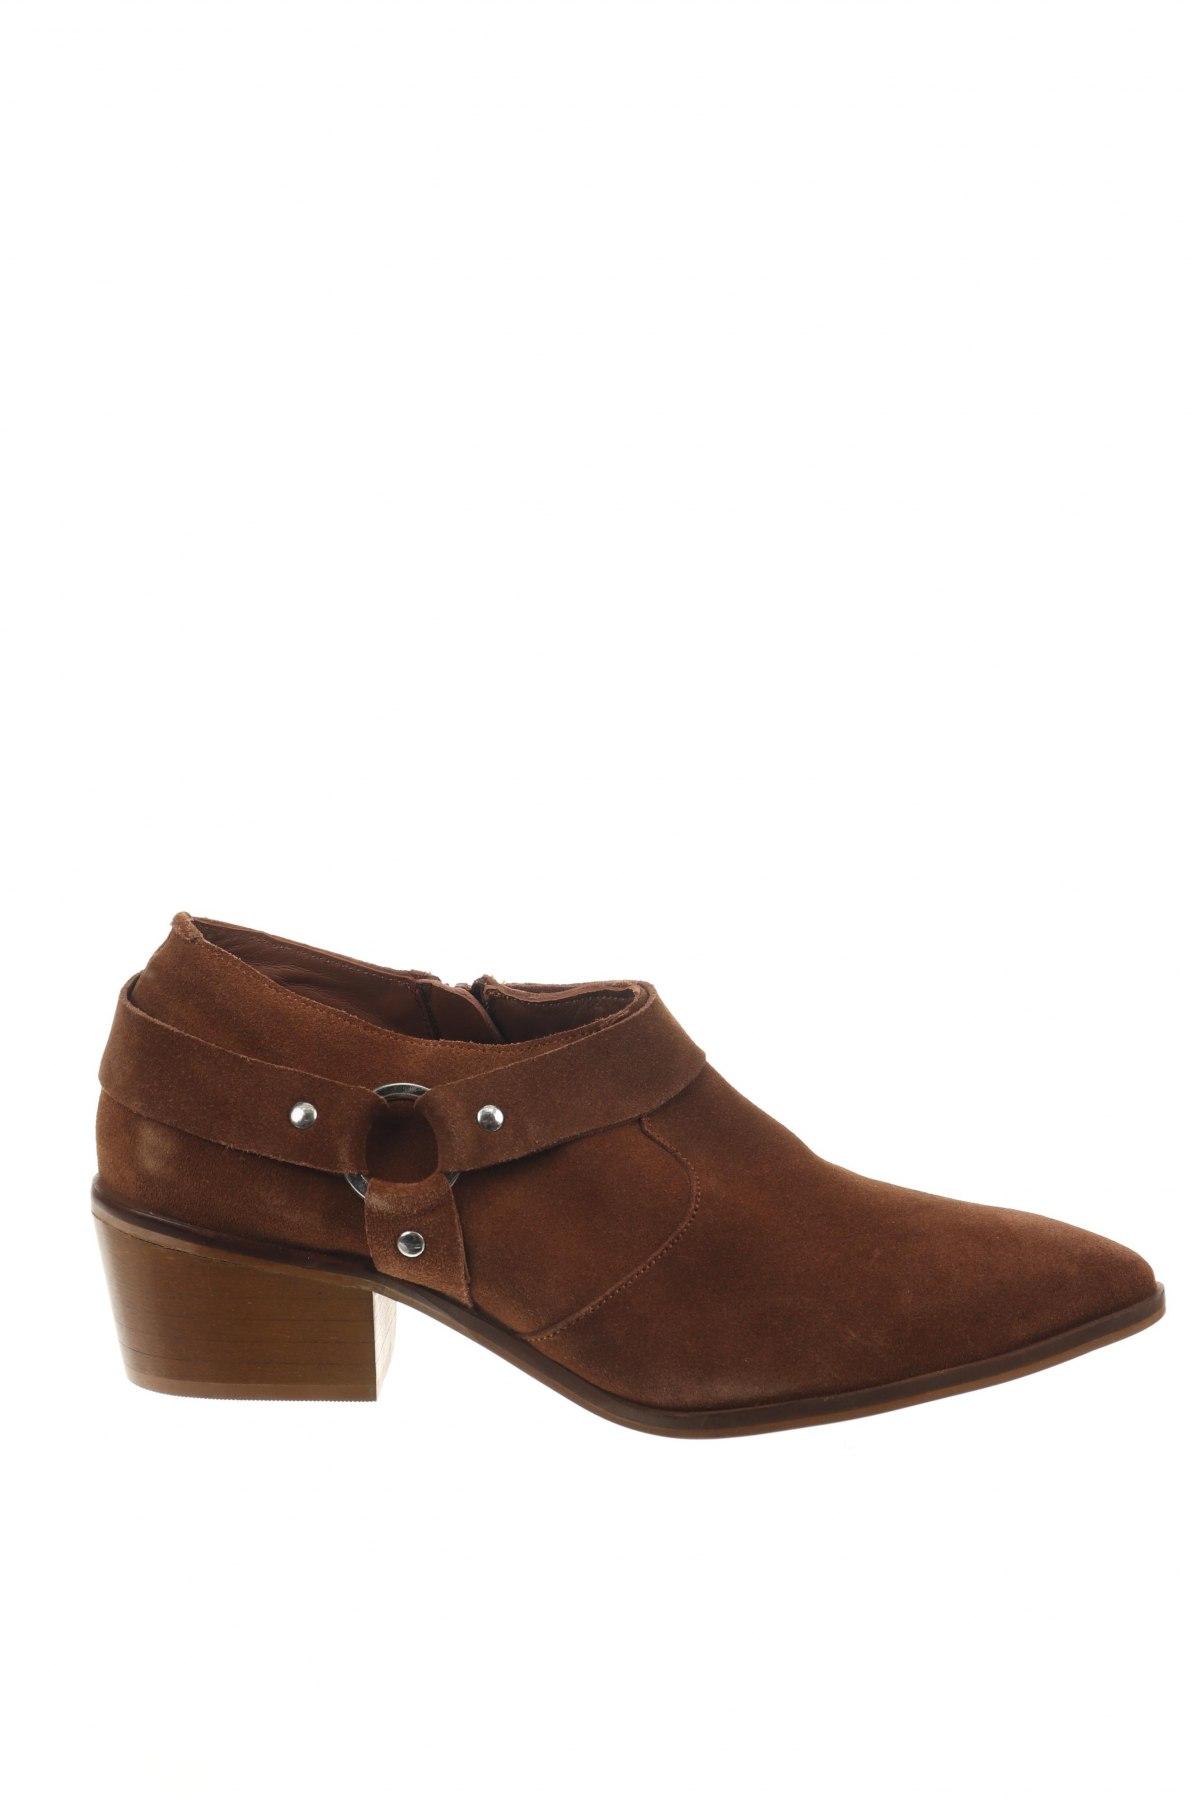 Γυναικεία παπούτσια Reserved, Μέγεθος 41, Χρώμα Καφέ, Φυσικό σουέτ, Τιμή 12,85€